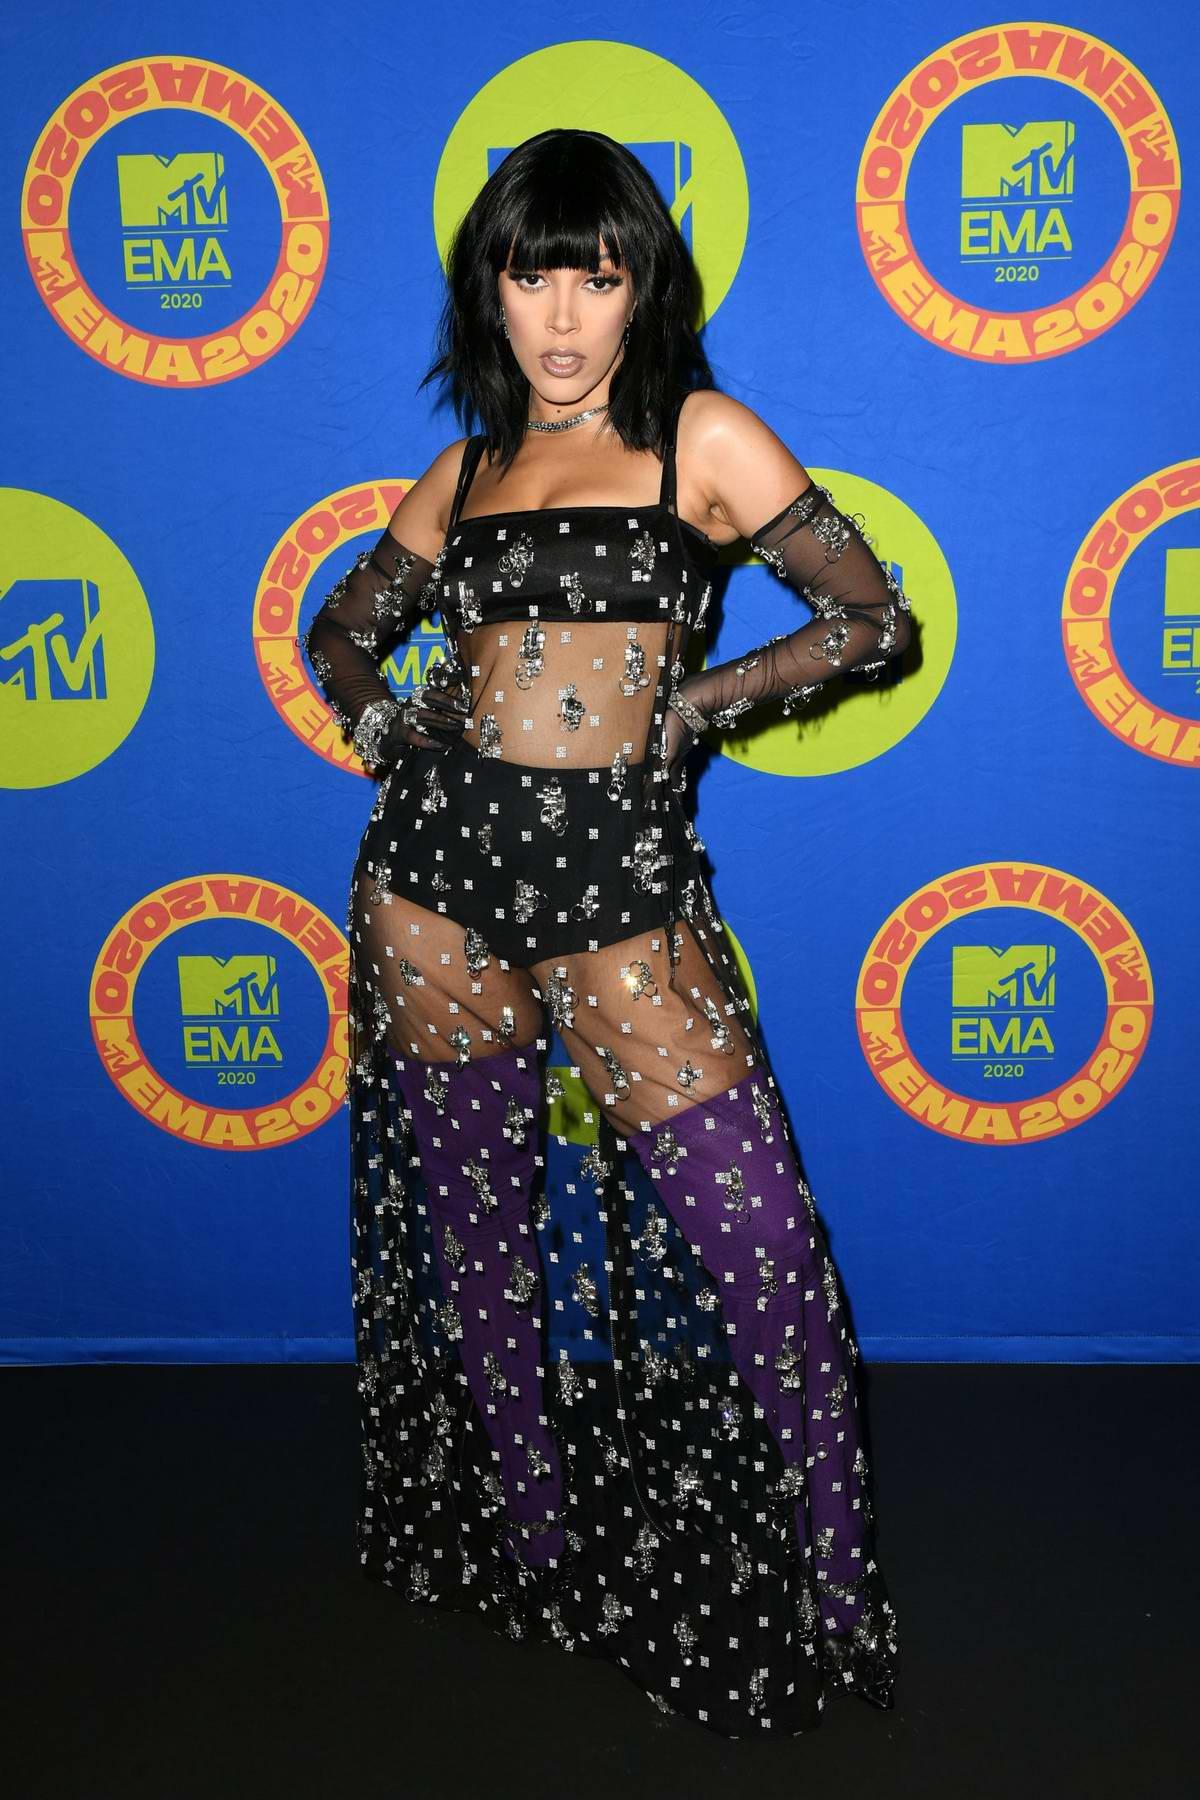 Doja Cat attends the 2020 MTV European Music Awards (MTV EMAs 2020) in Los Angeles